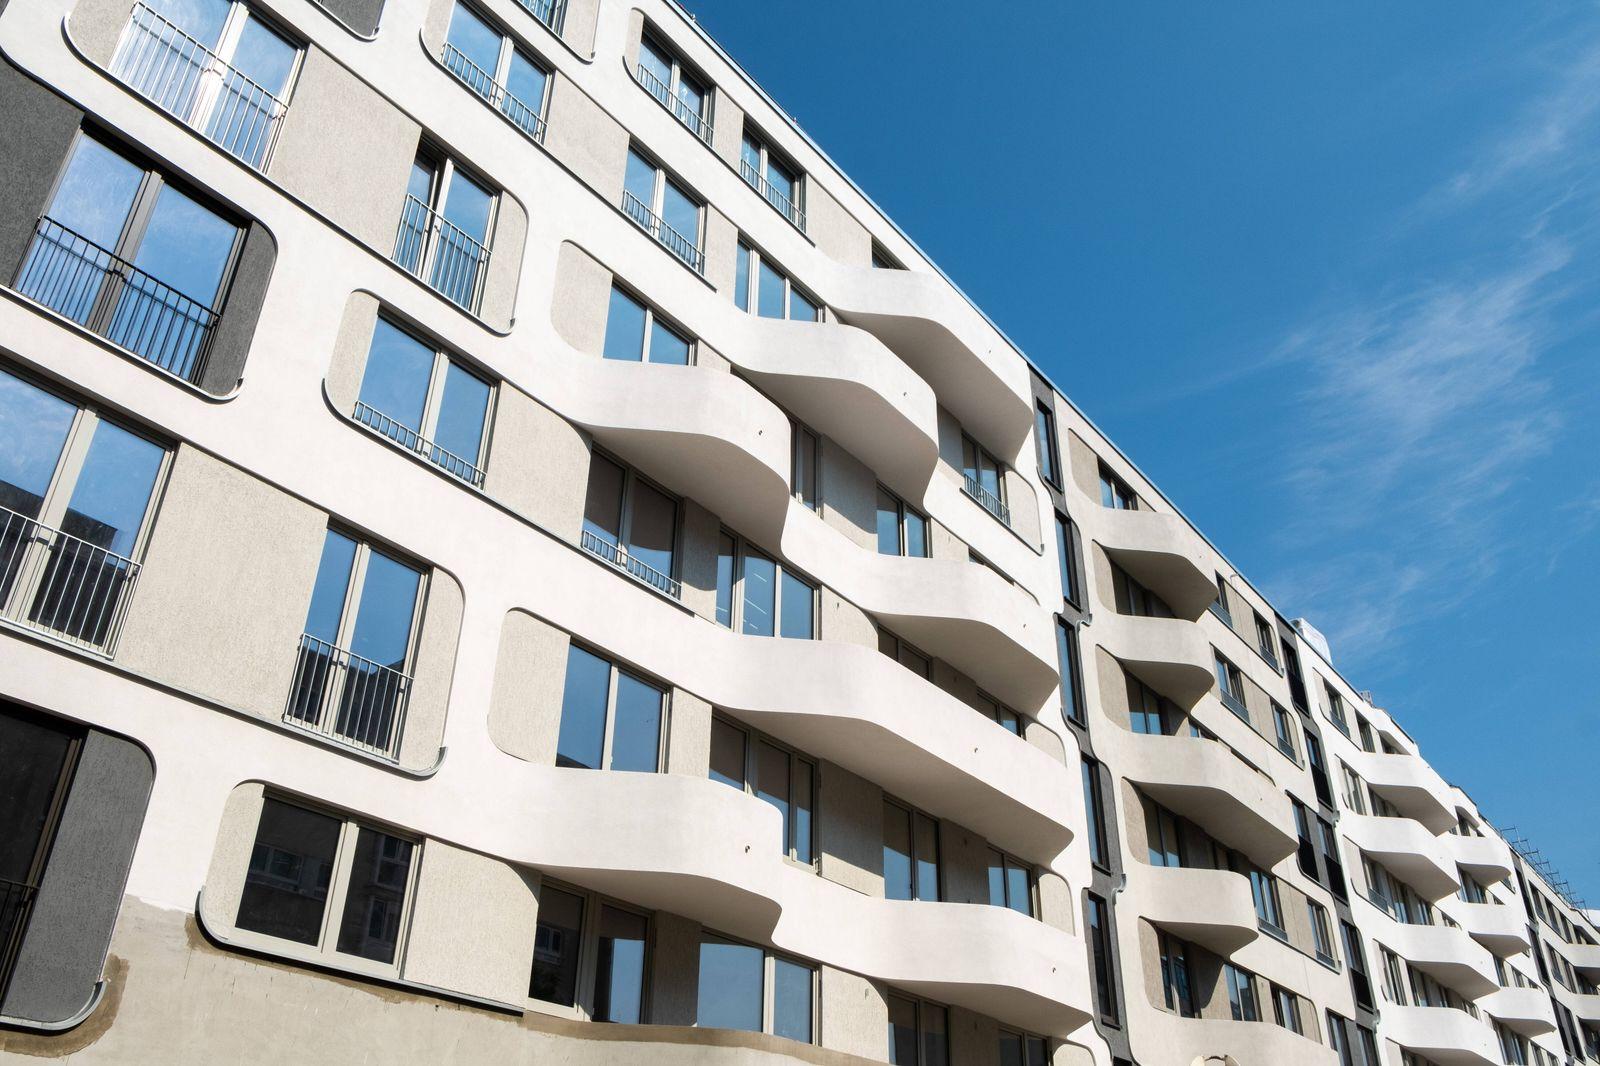 Im Rohbau befindlicher Neubau eines Wohnhauses an der Pappelallee in Berlin-Prenzlauer Berg Wohnungsneubau in Berlin-Pr